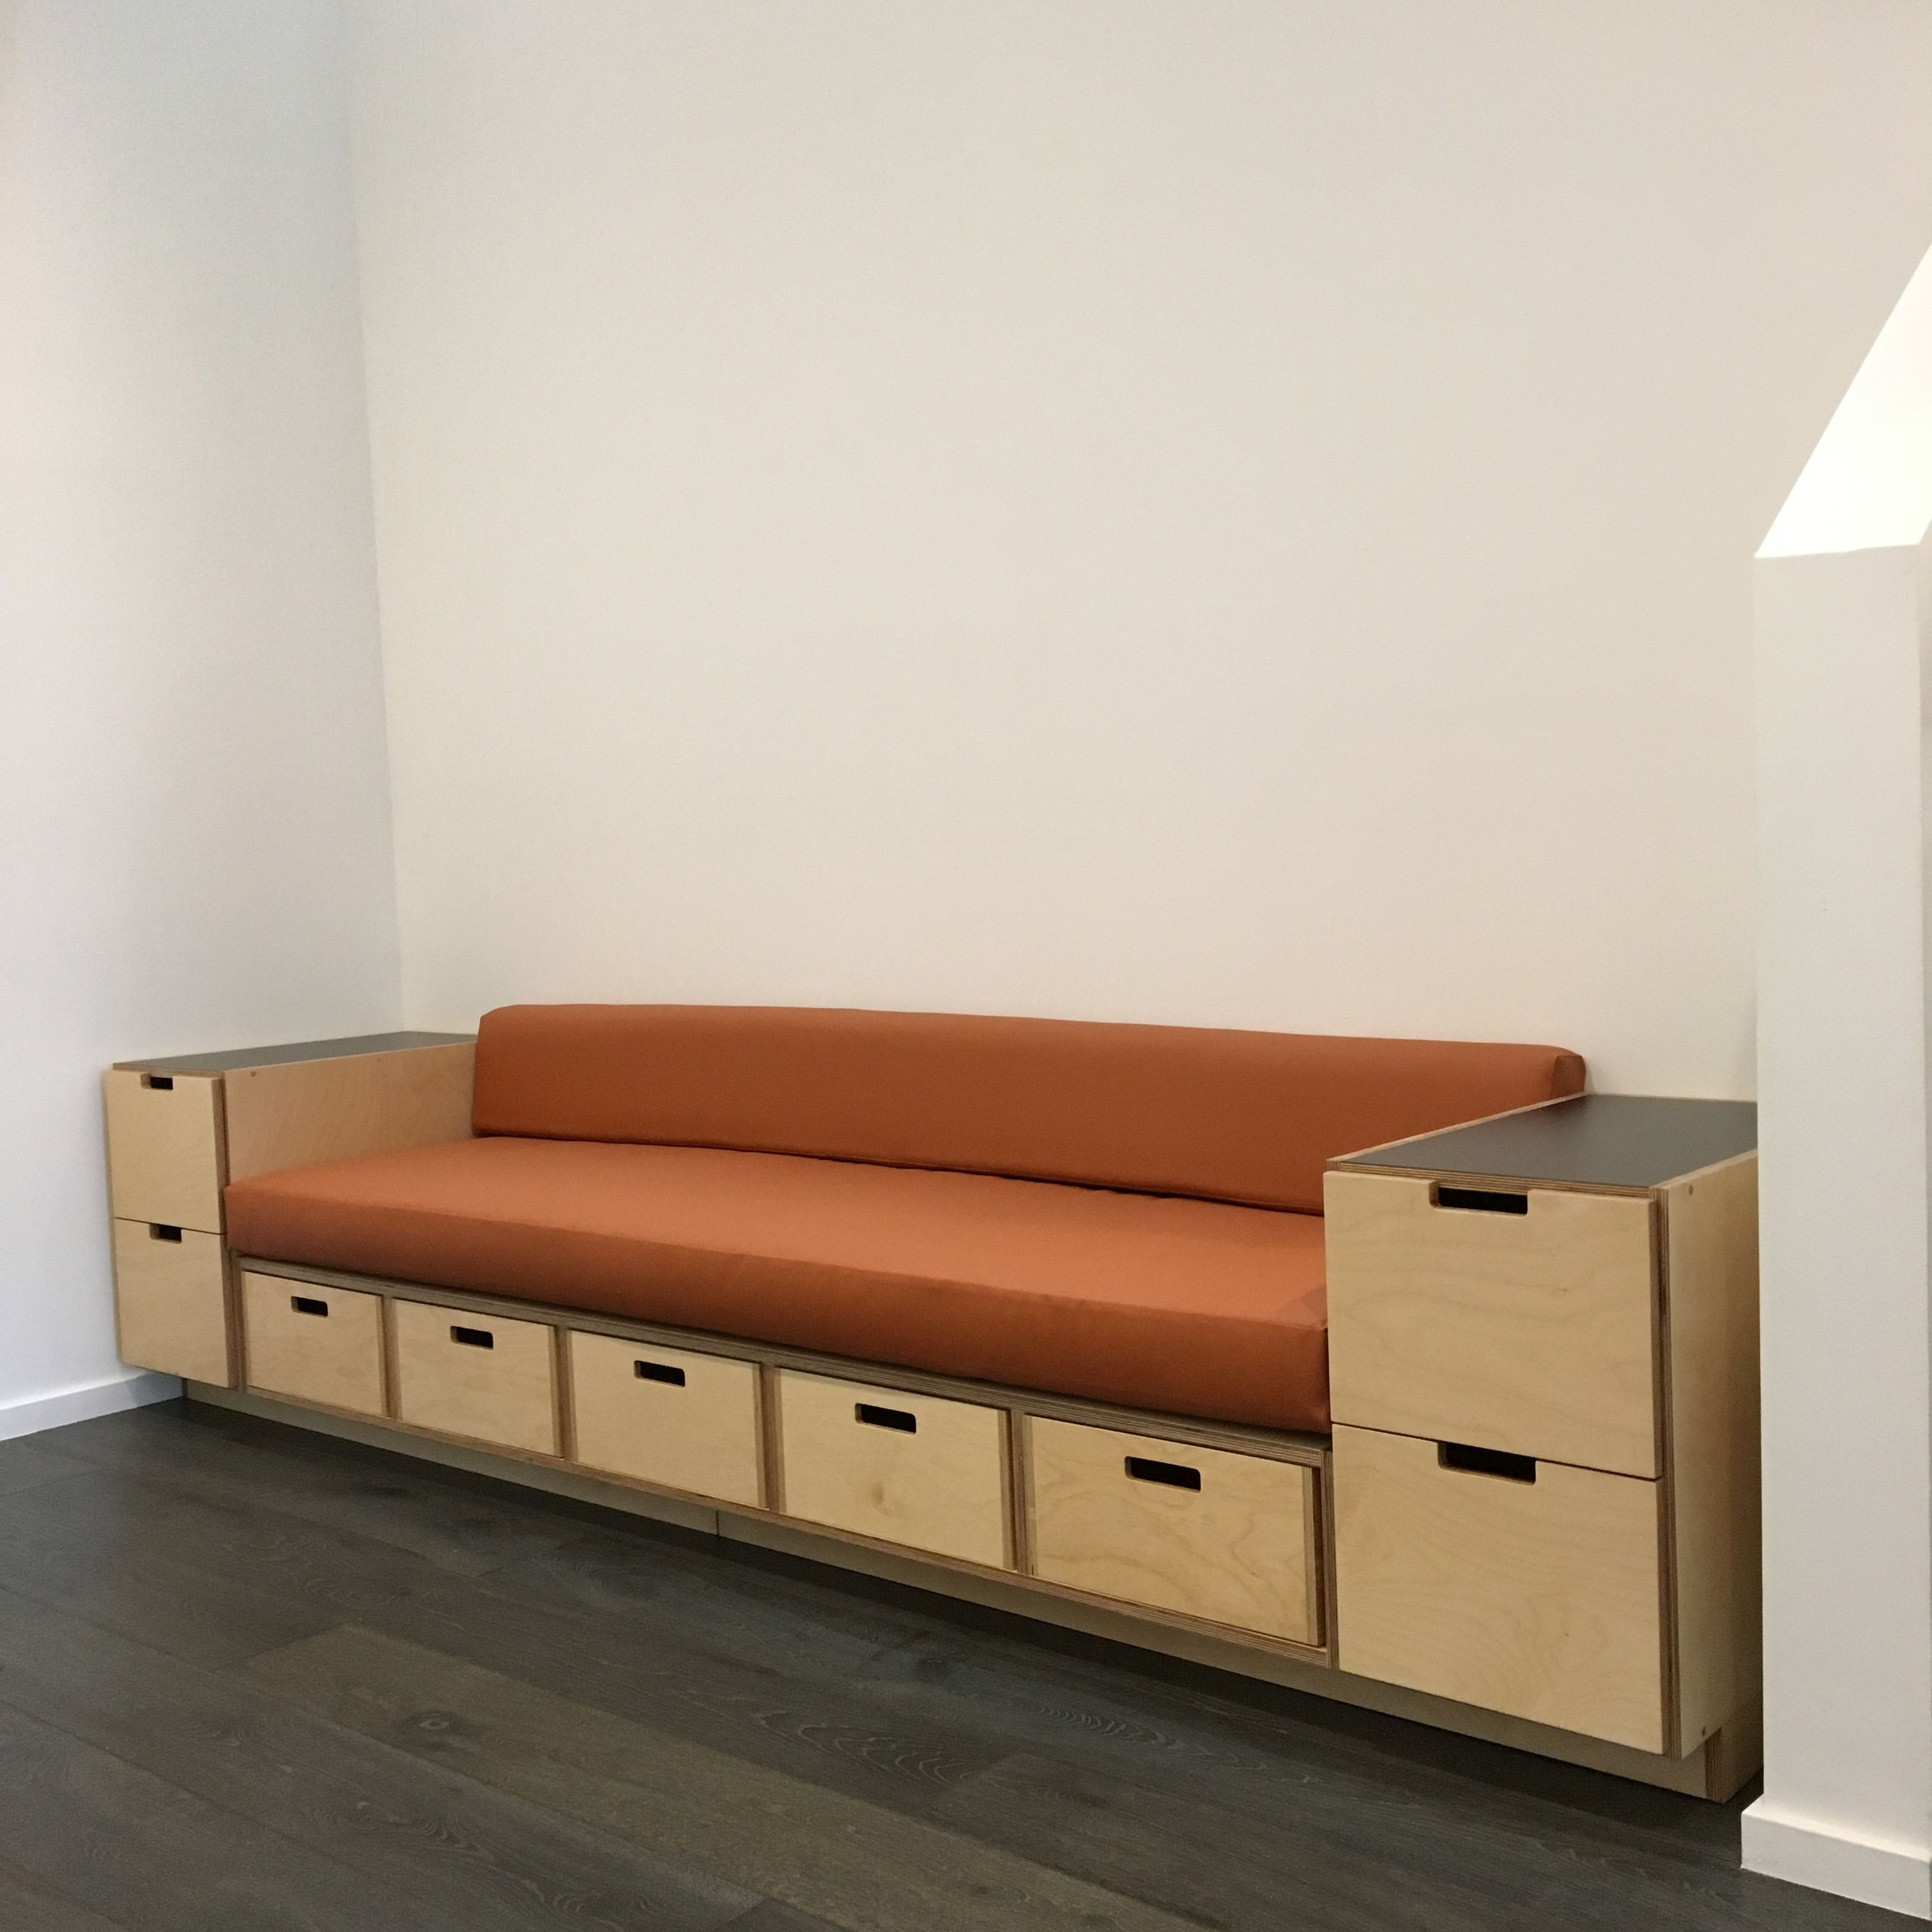 Sofa Set product image 5